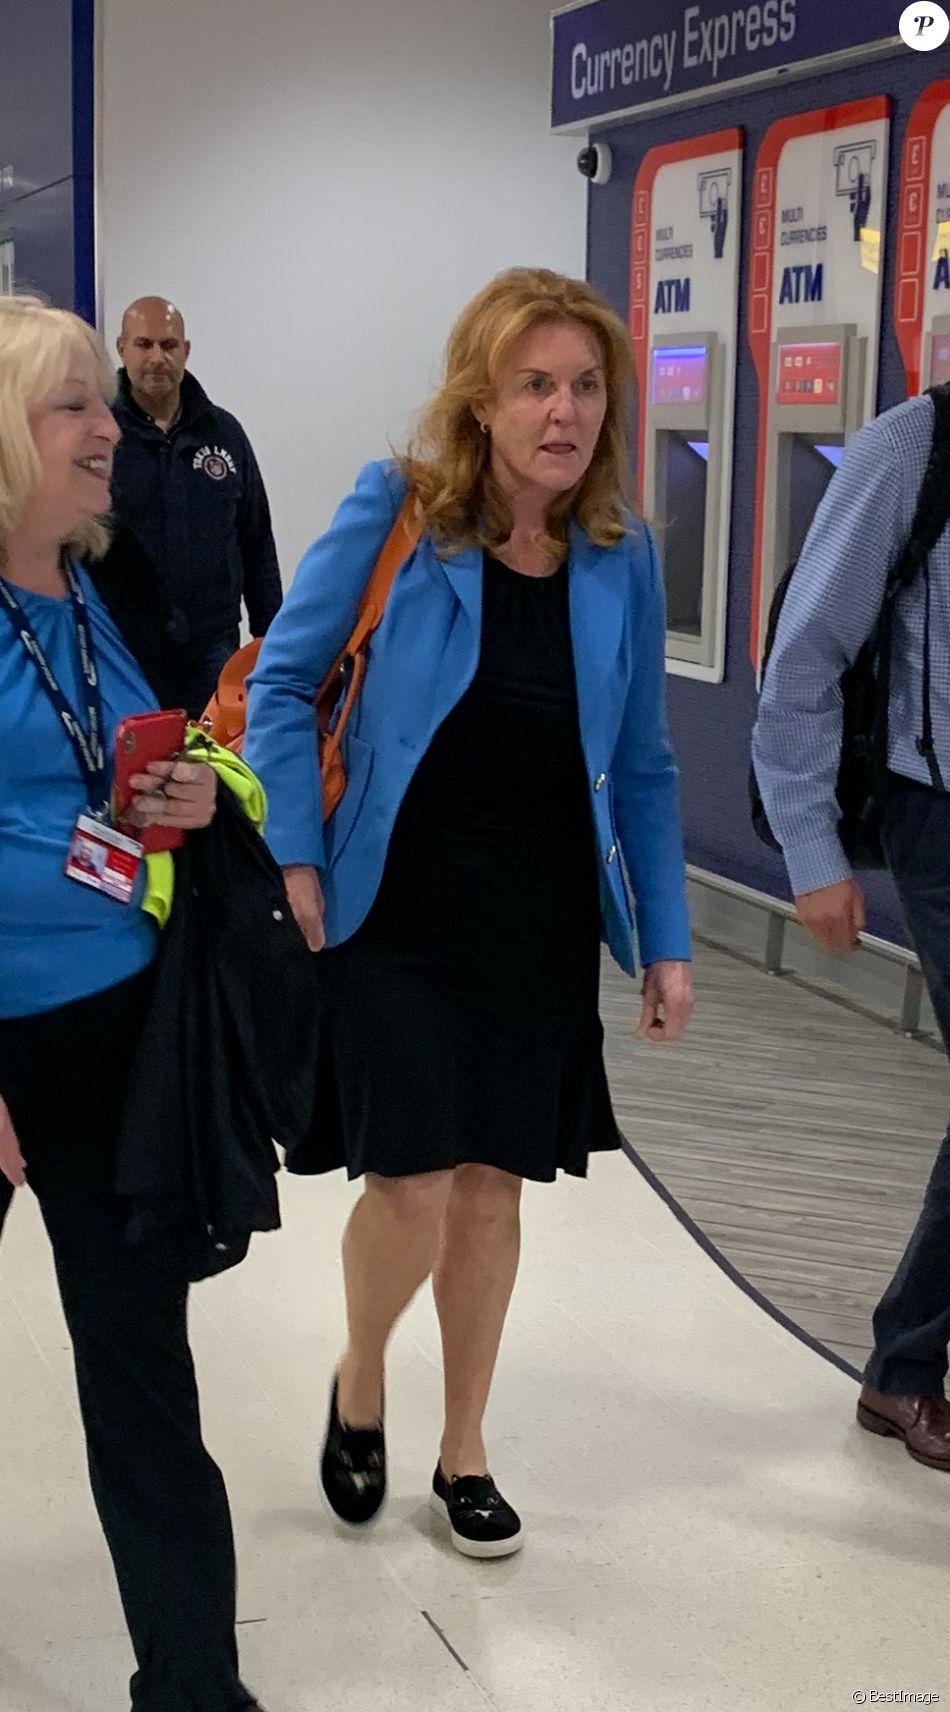 Exclusif - Sarah Ferguson, duchesse d'York, lors de son arrivée à l'aéroport d'Aberdeen en Ecosse tard dans la soirée du mercredi 7 août 2019, pour aller séjourner au château de Balmoral.